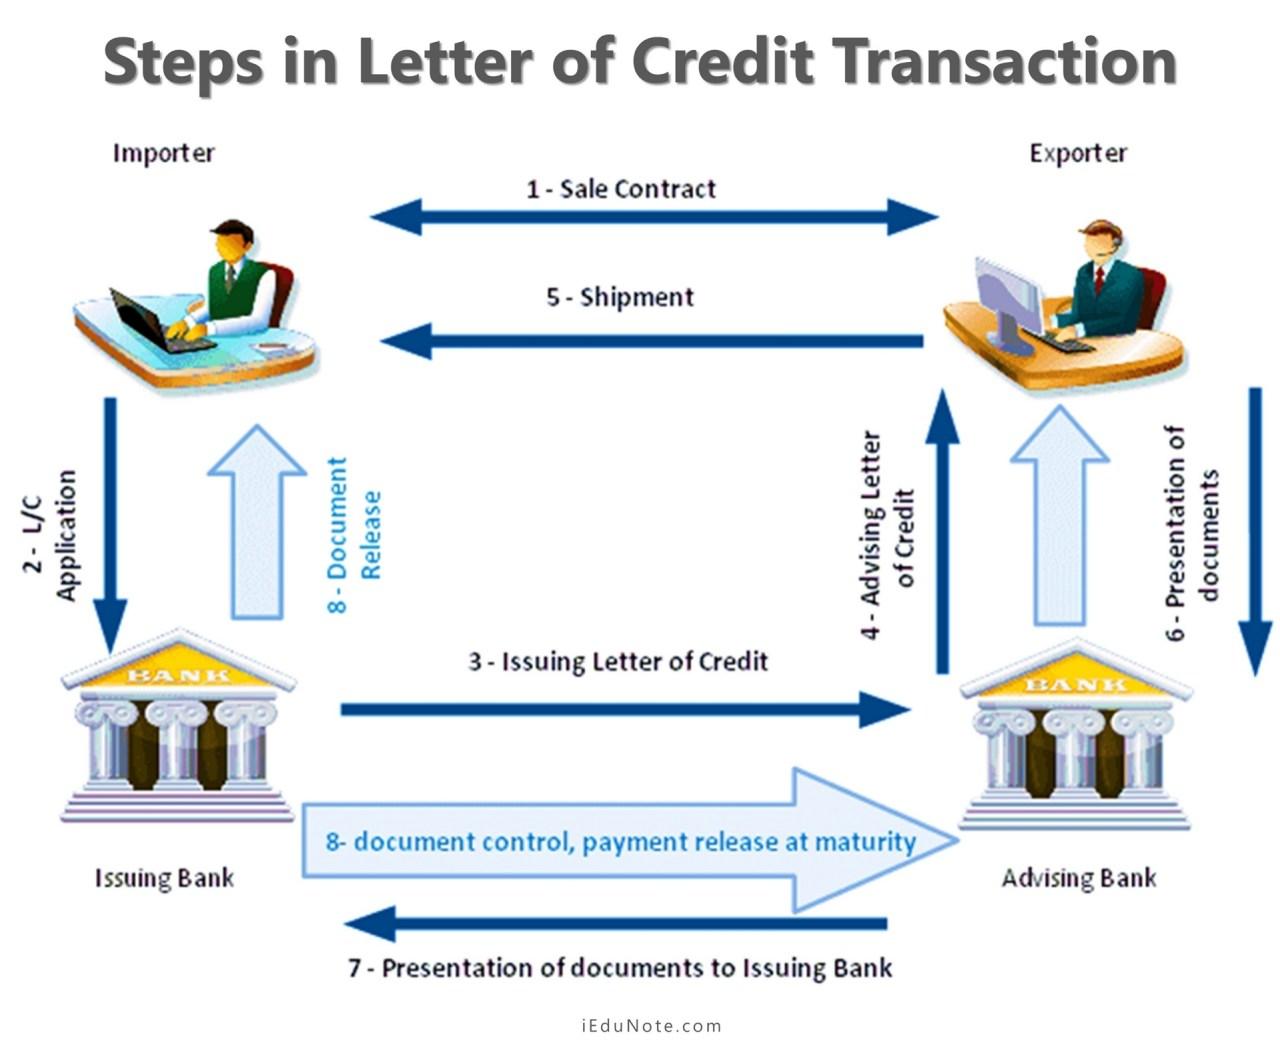 Steps in Letter of Credit Transaction